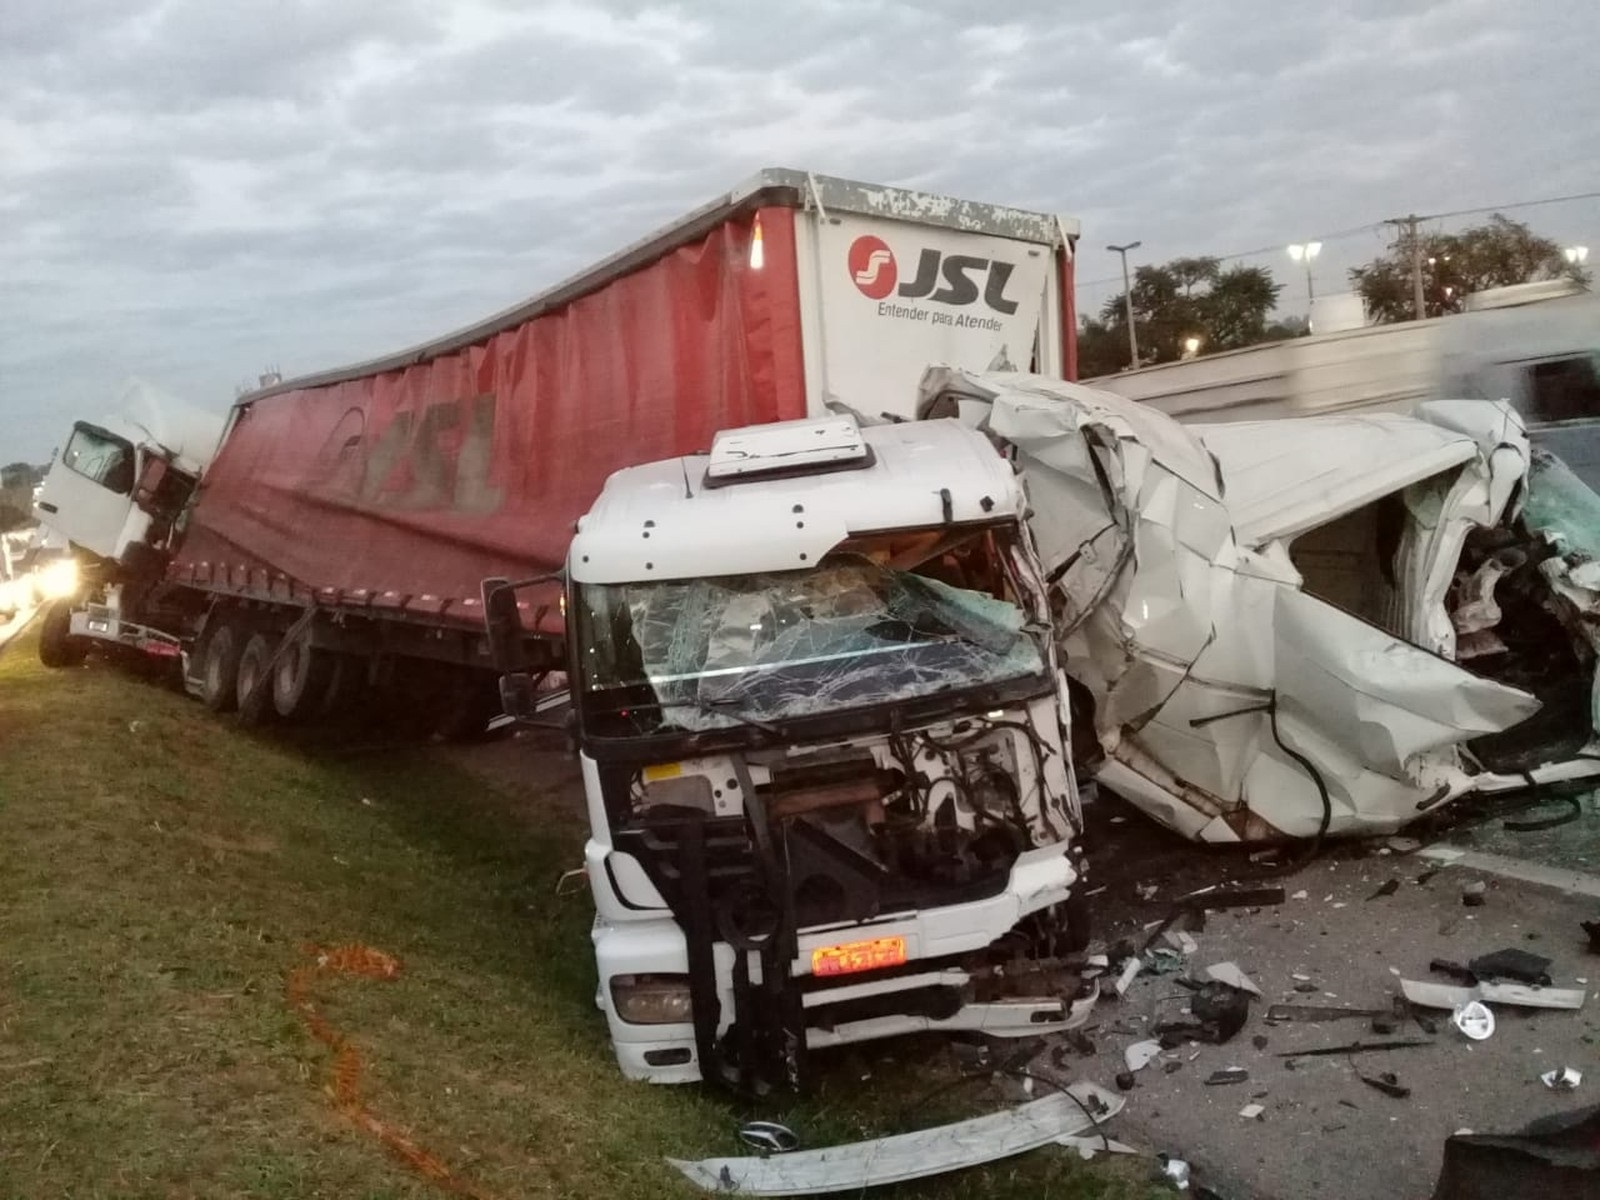 Acidente na Rodovia Dom Gabriel Paulino Bueno Couto aconteceu na madrugada desta terça-feira (30) (Foto: Ademir Martimiano/Arquivo pessoal)